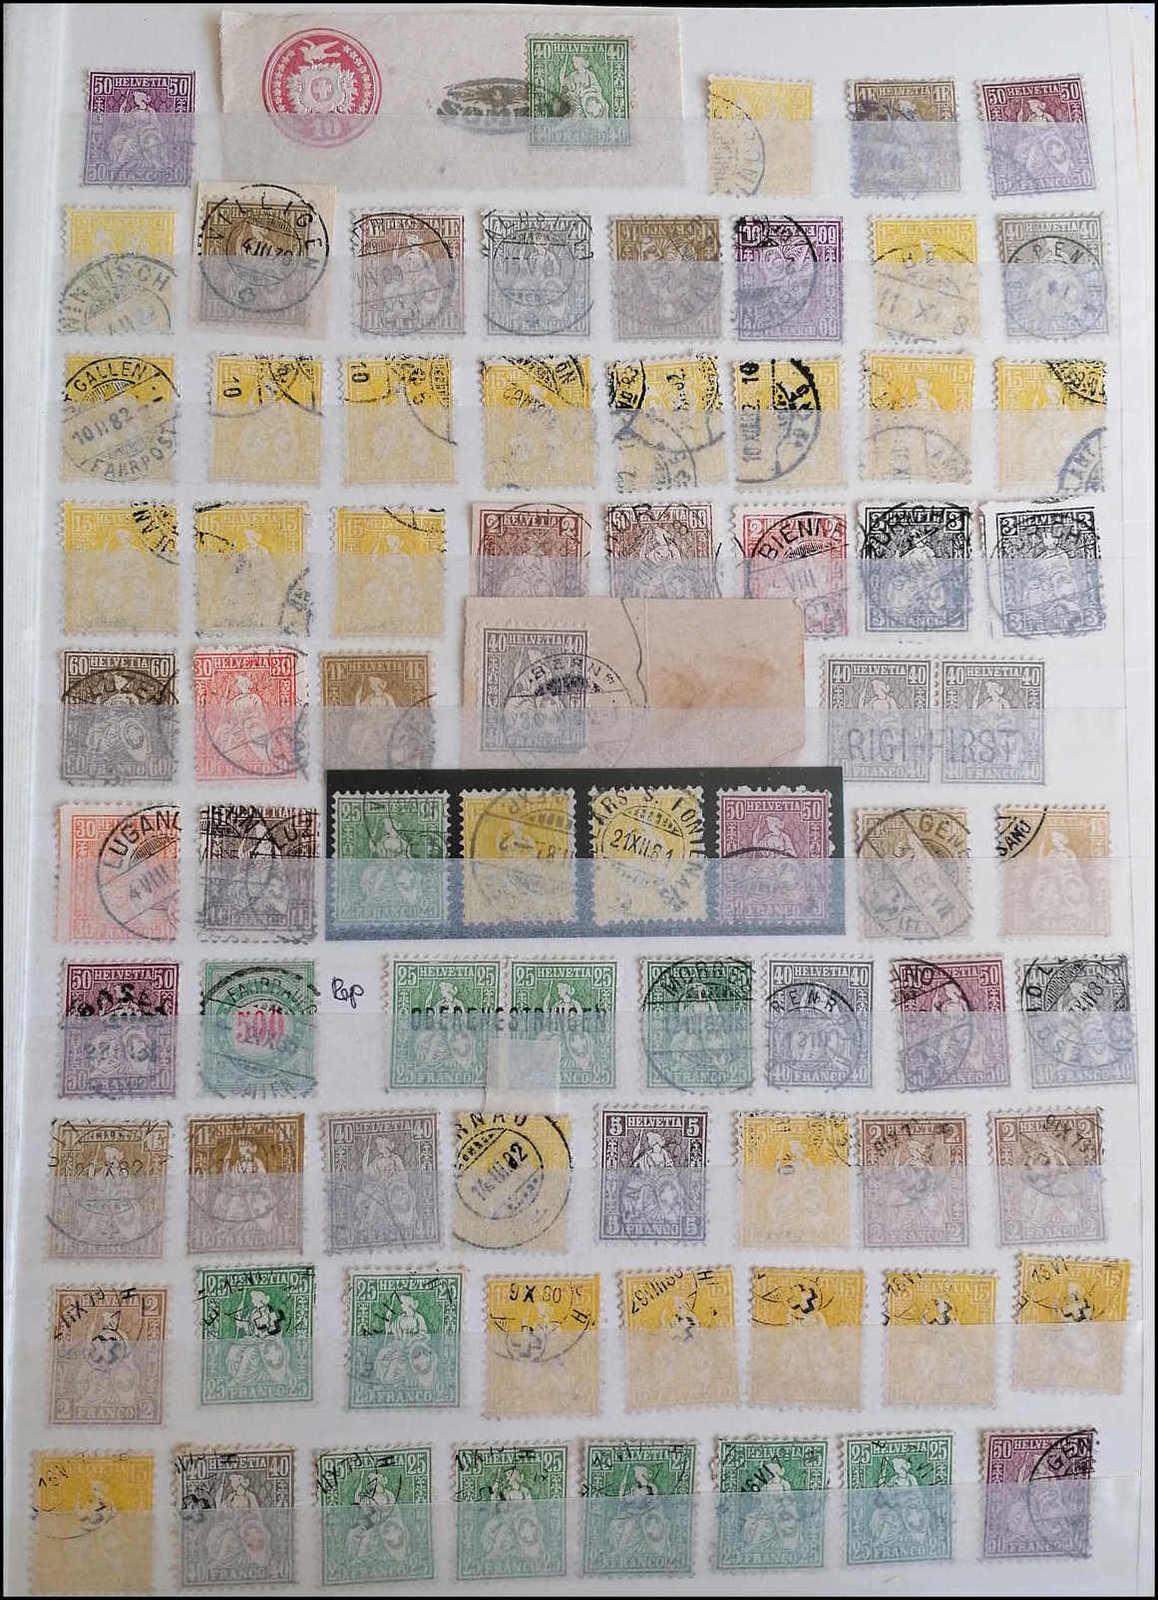 Lot 3 - sammlungen und posten sammlungen und posten altschweiz -  Rolli Auctions Auction #68 Day 1